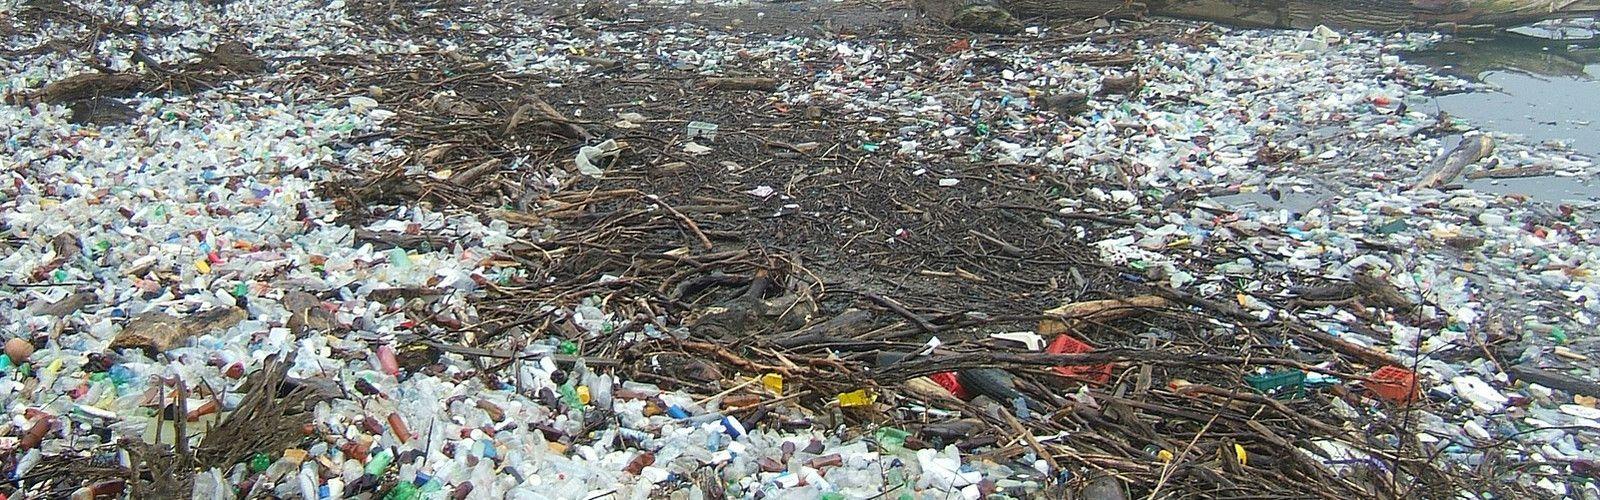 odpady kraków